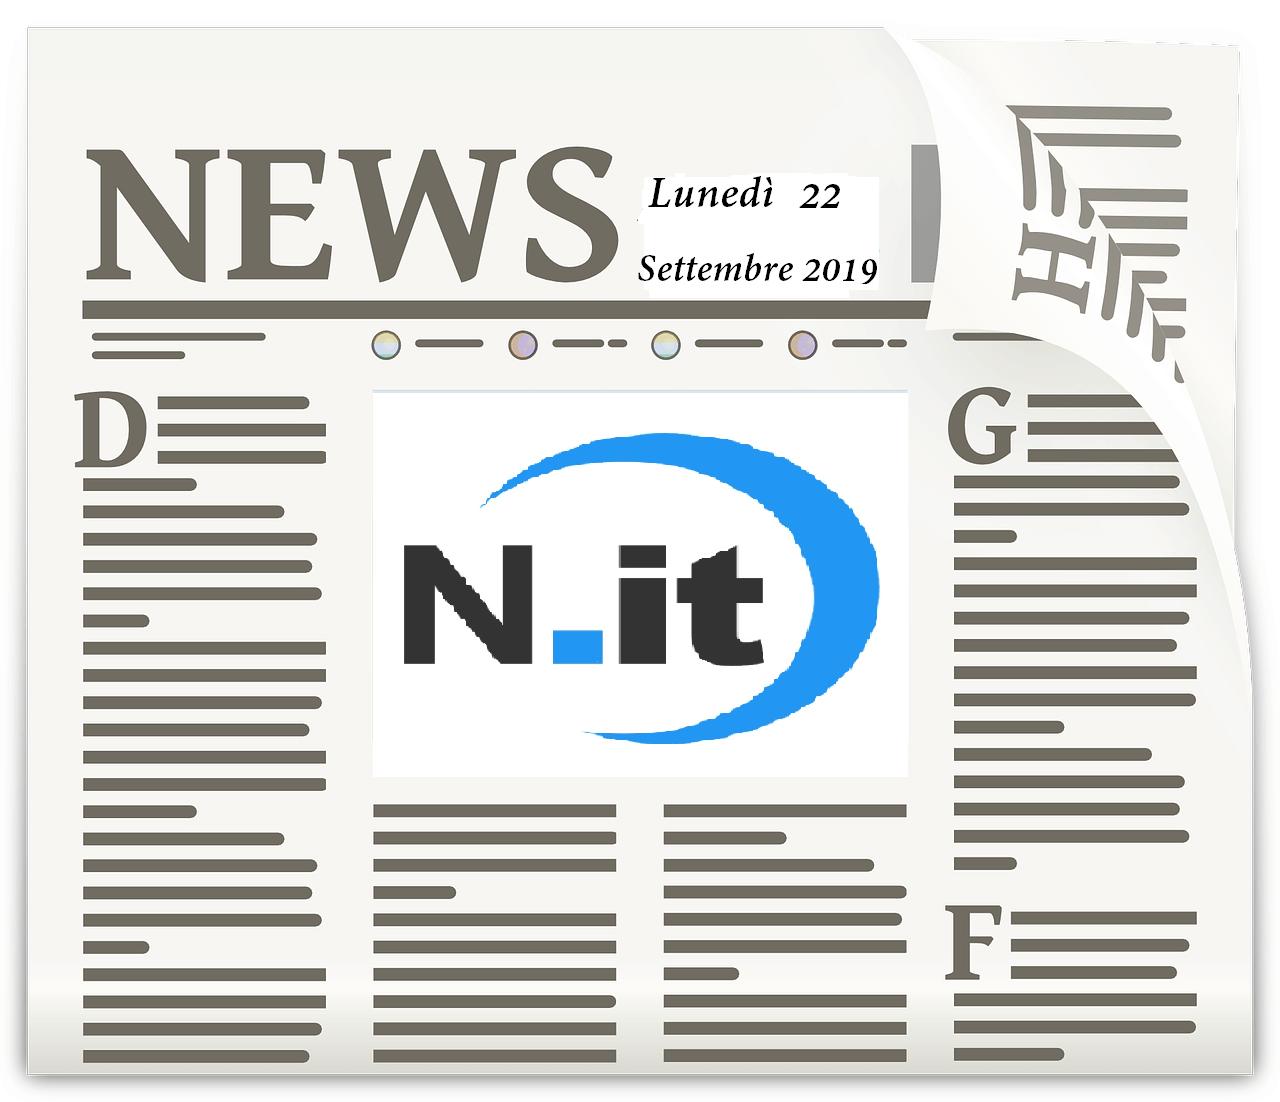 Novità Pensioni Speciale Reddito Di Cittadinanza Legge 104